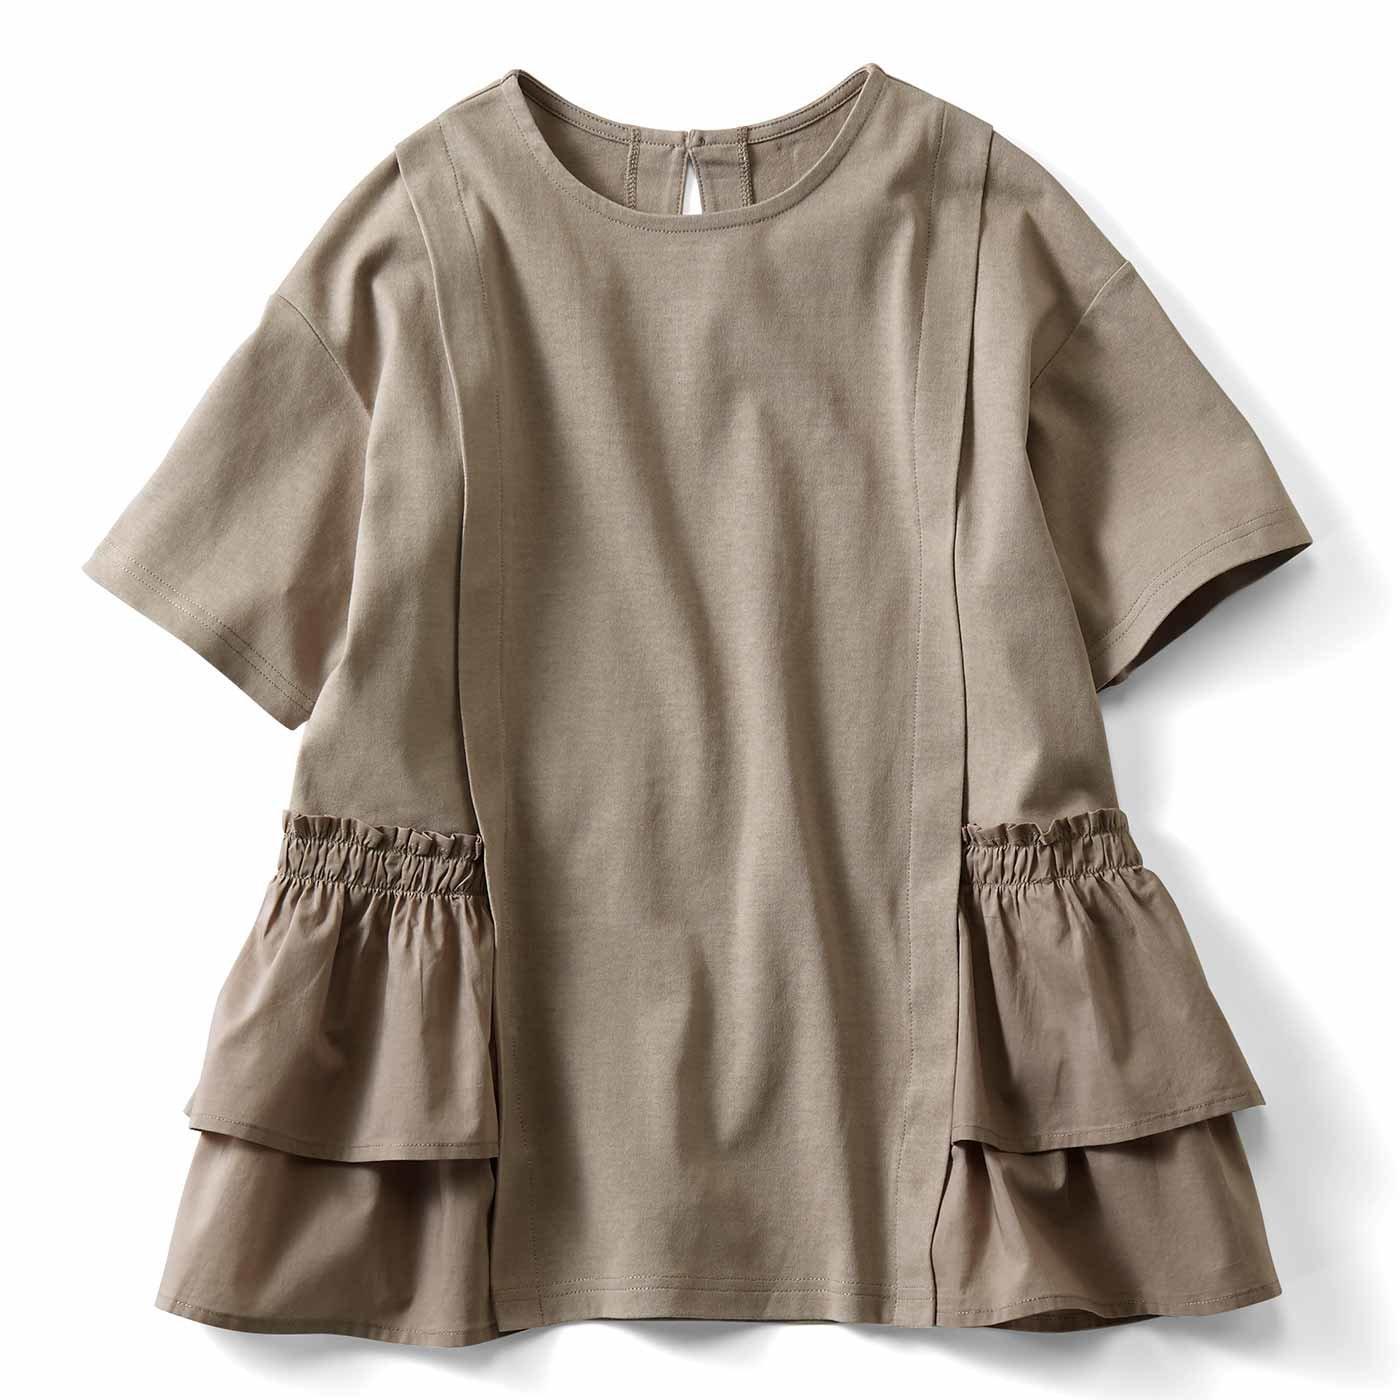 【3~10日でお届け】IEDIT[イディット] 汗じみ軽減加工をほどこした異素材遣いTシャツ〈ベージュ〉